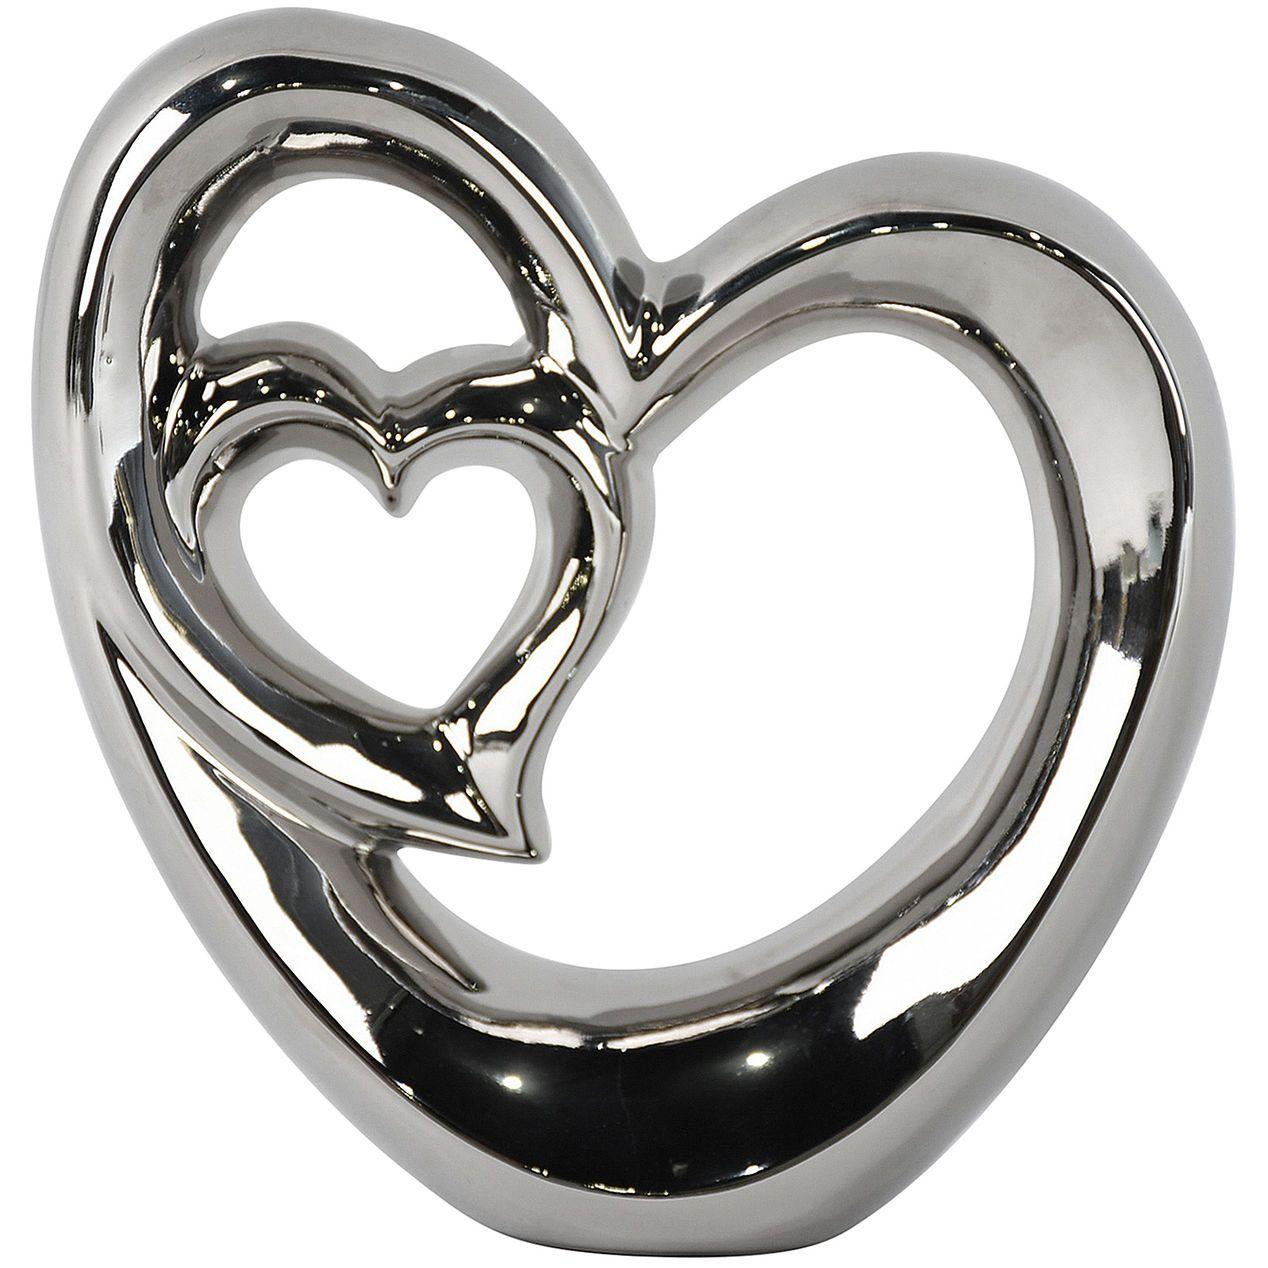 9 In Silver Heart Decor Heart Decorations Decor Silver Heart